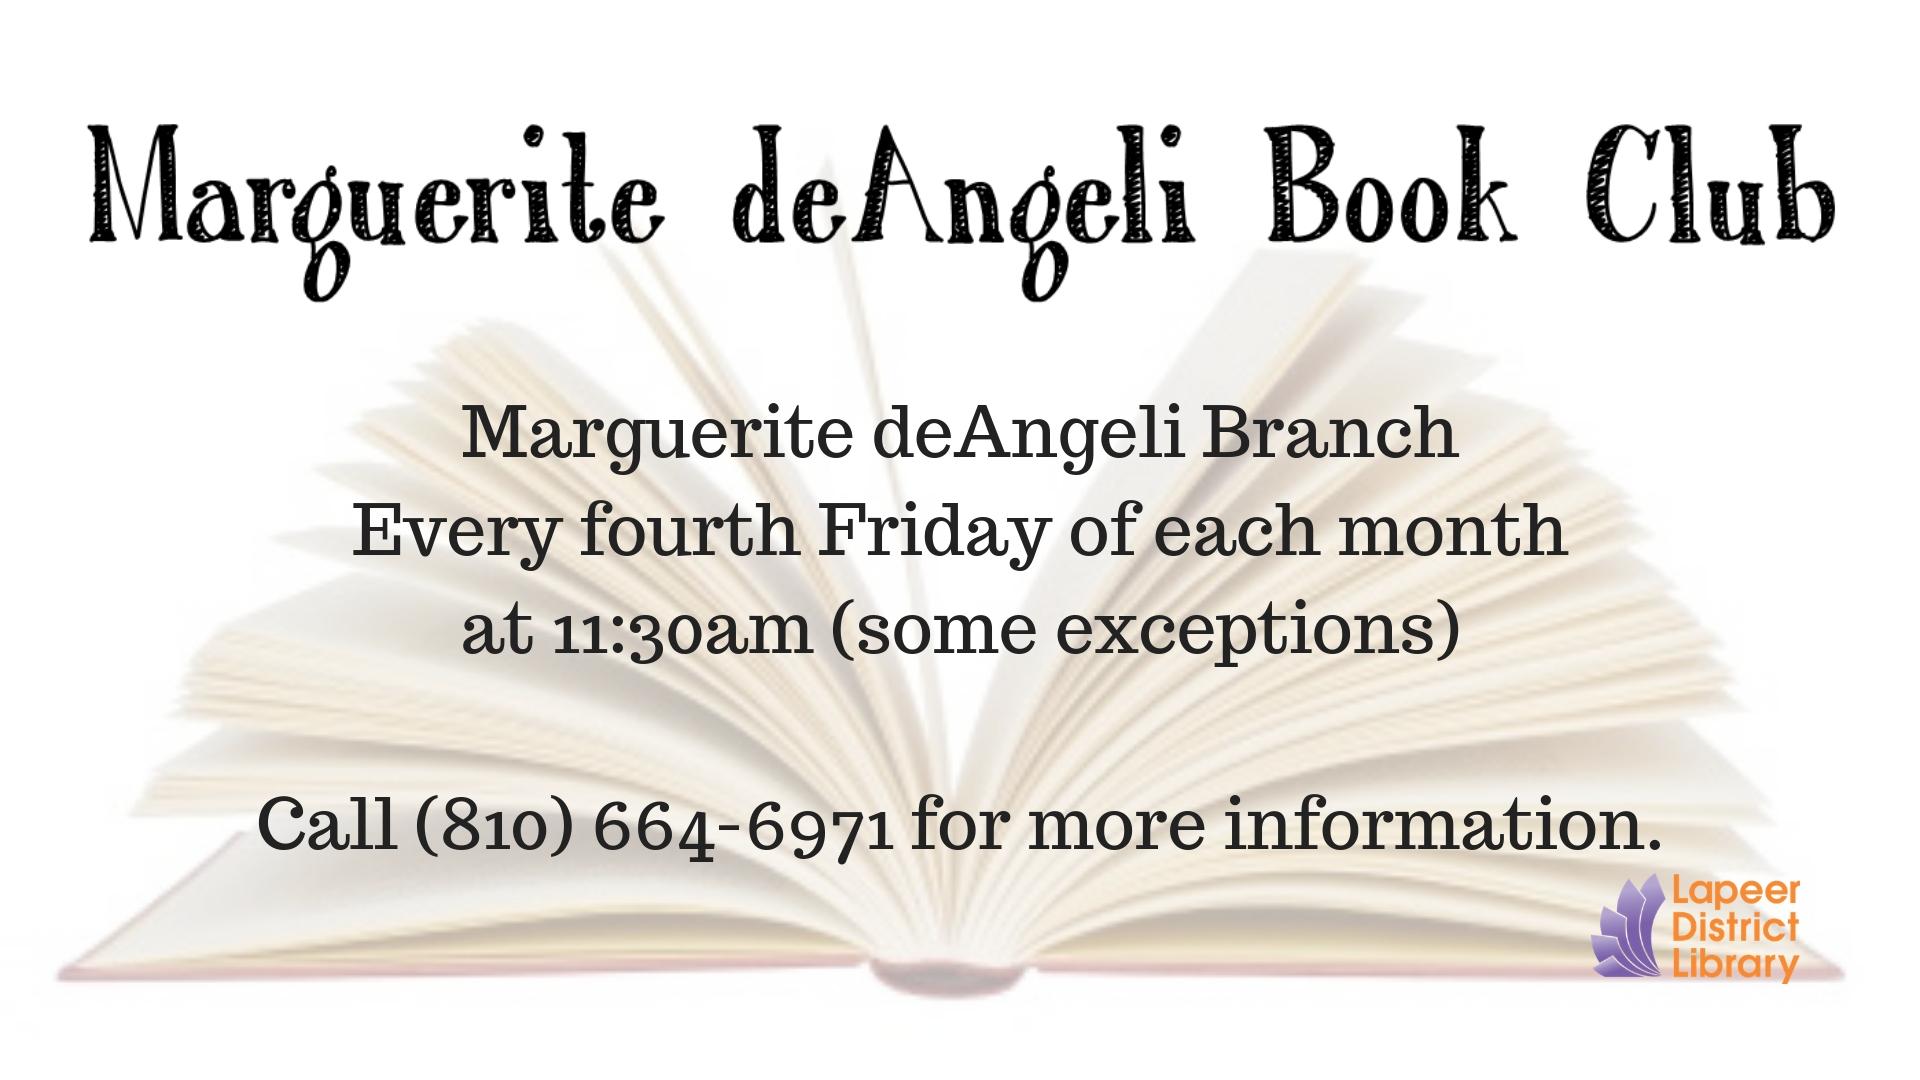 deAngeli Branch Book Club